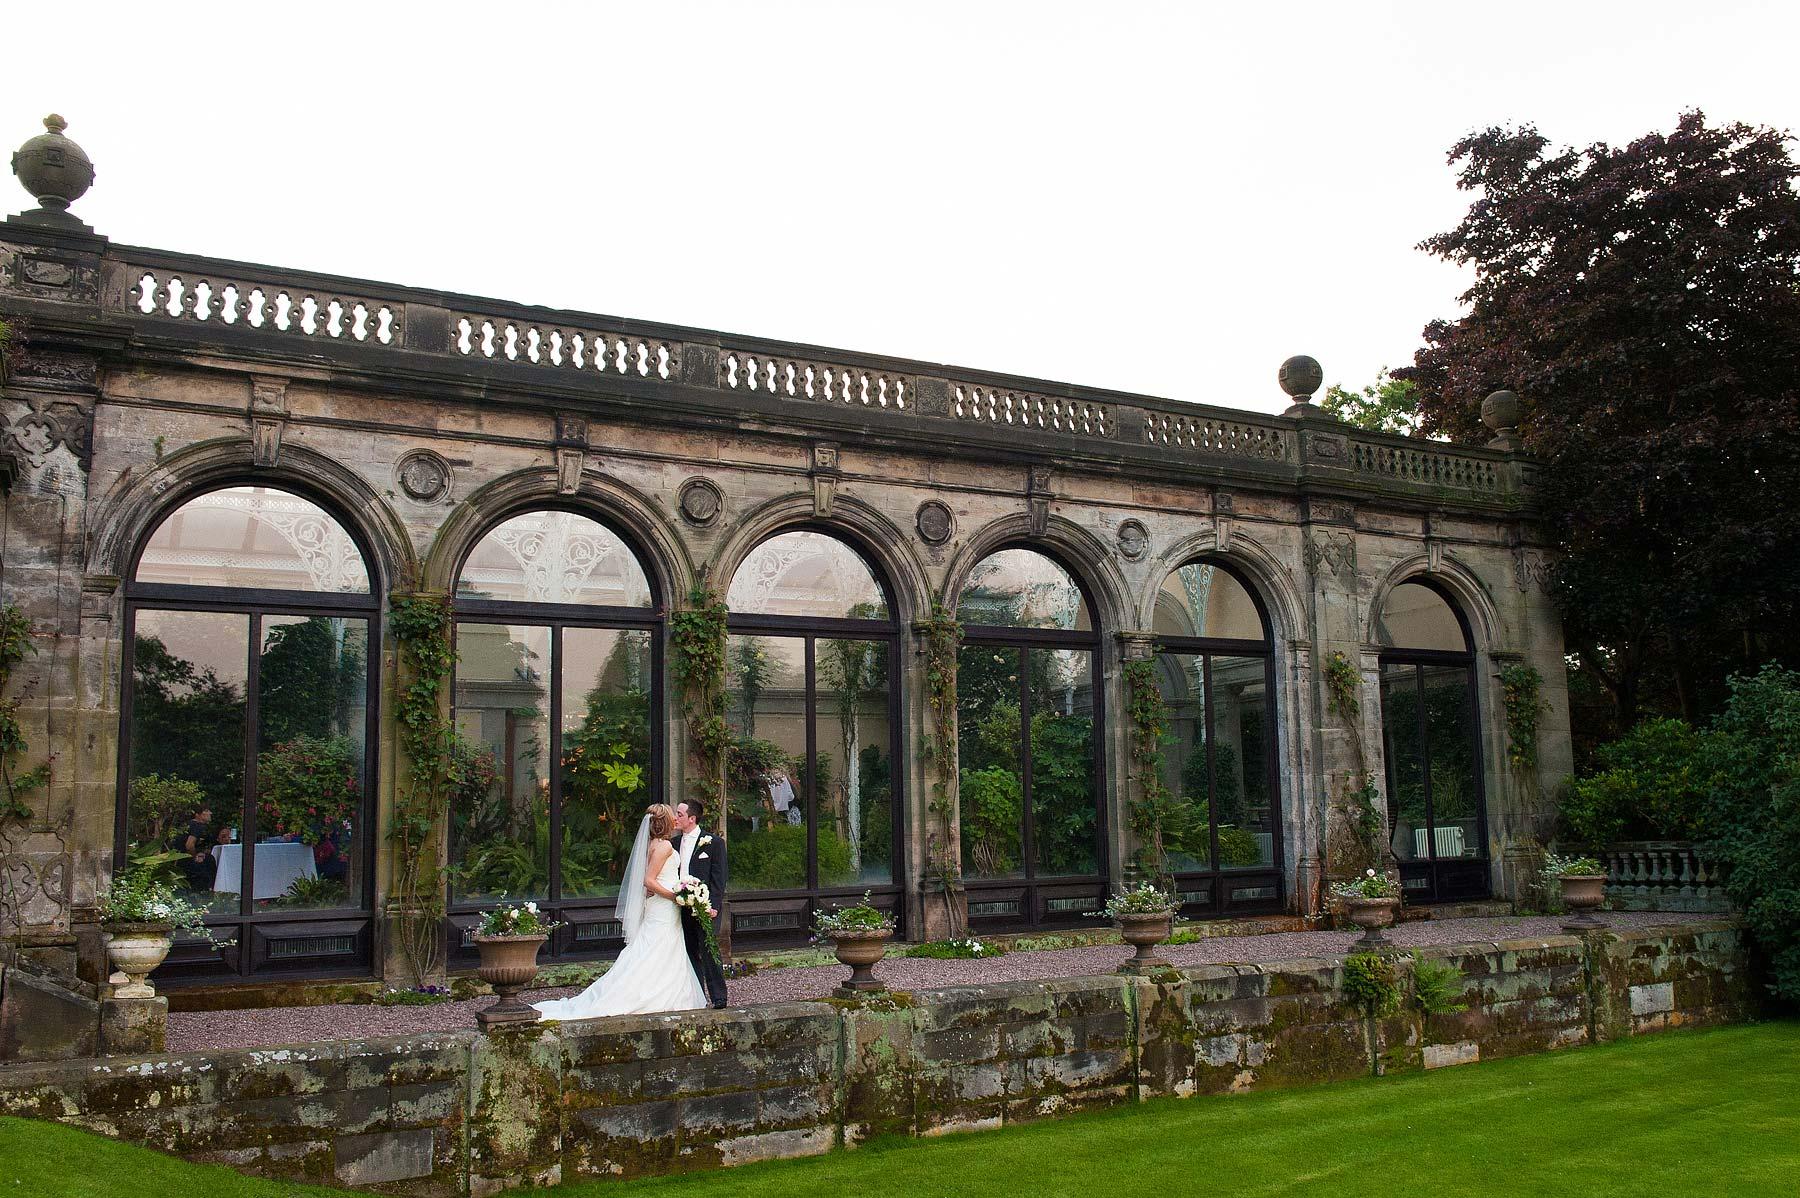 sandon-hall-wedding-photographer-029